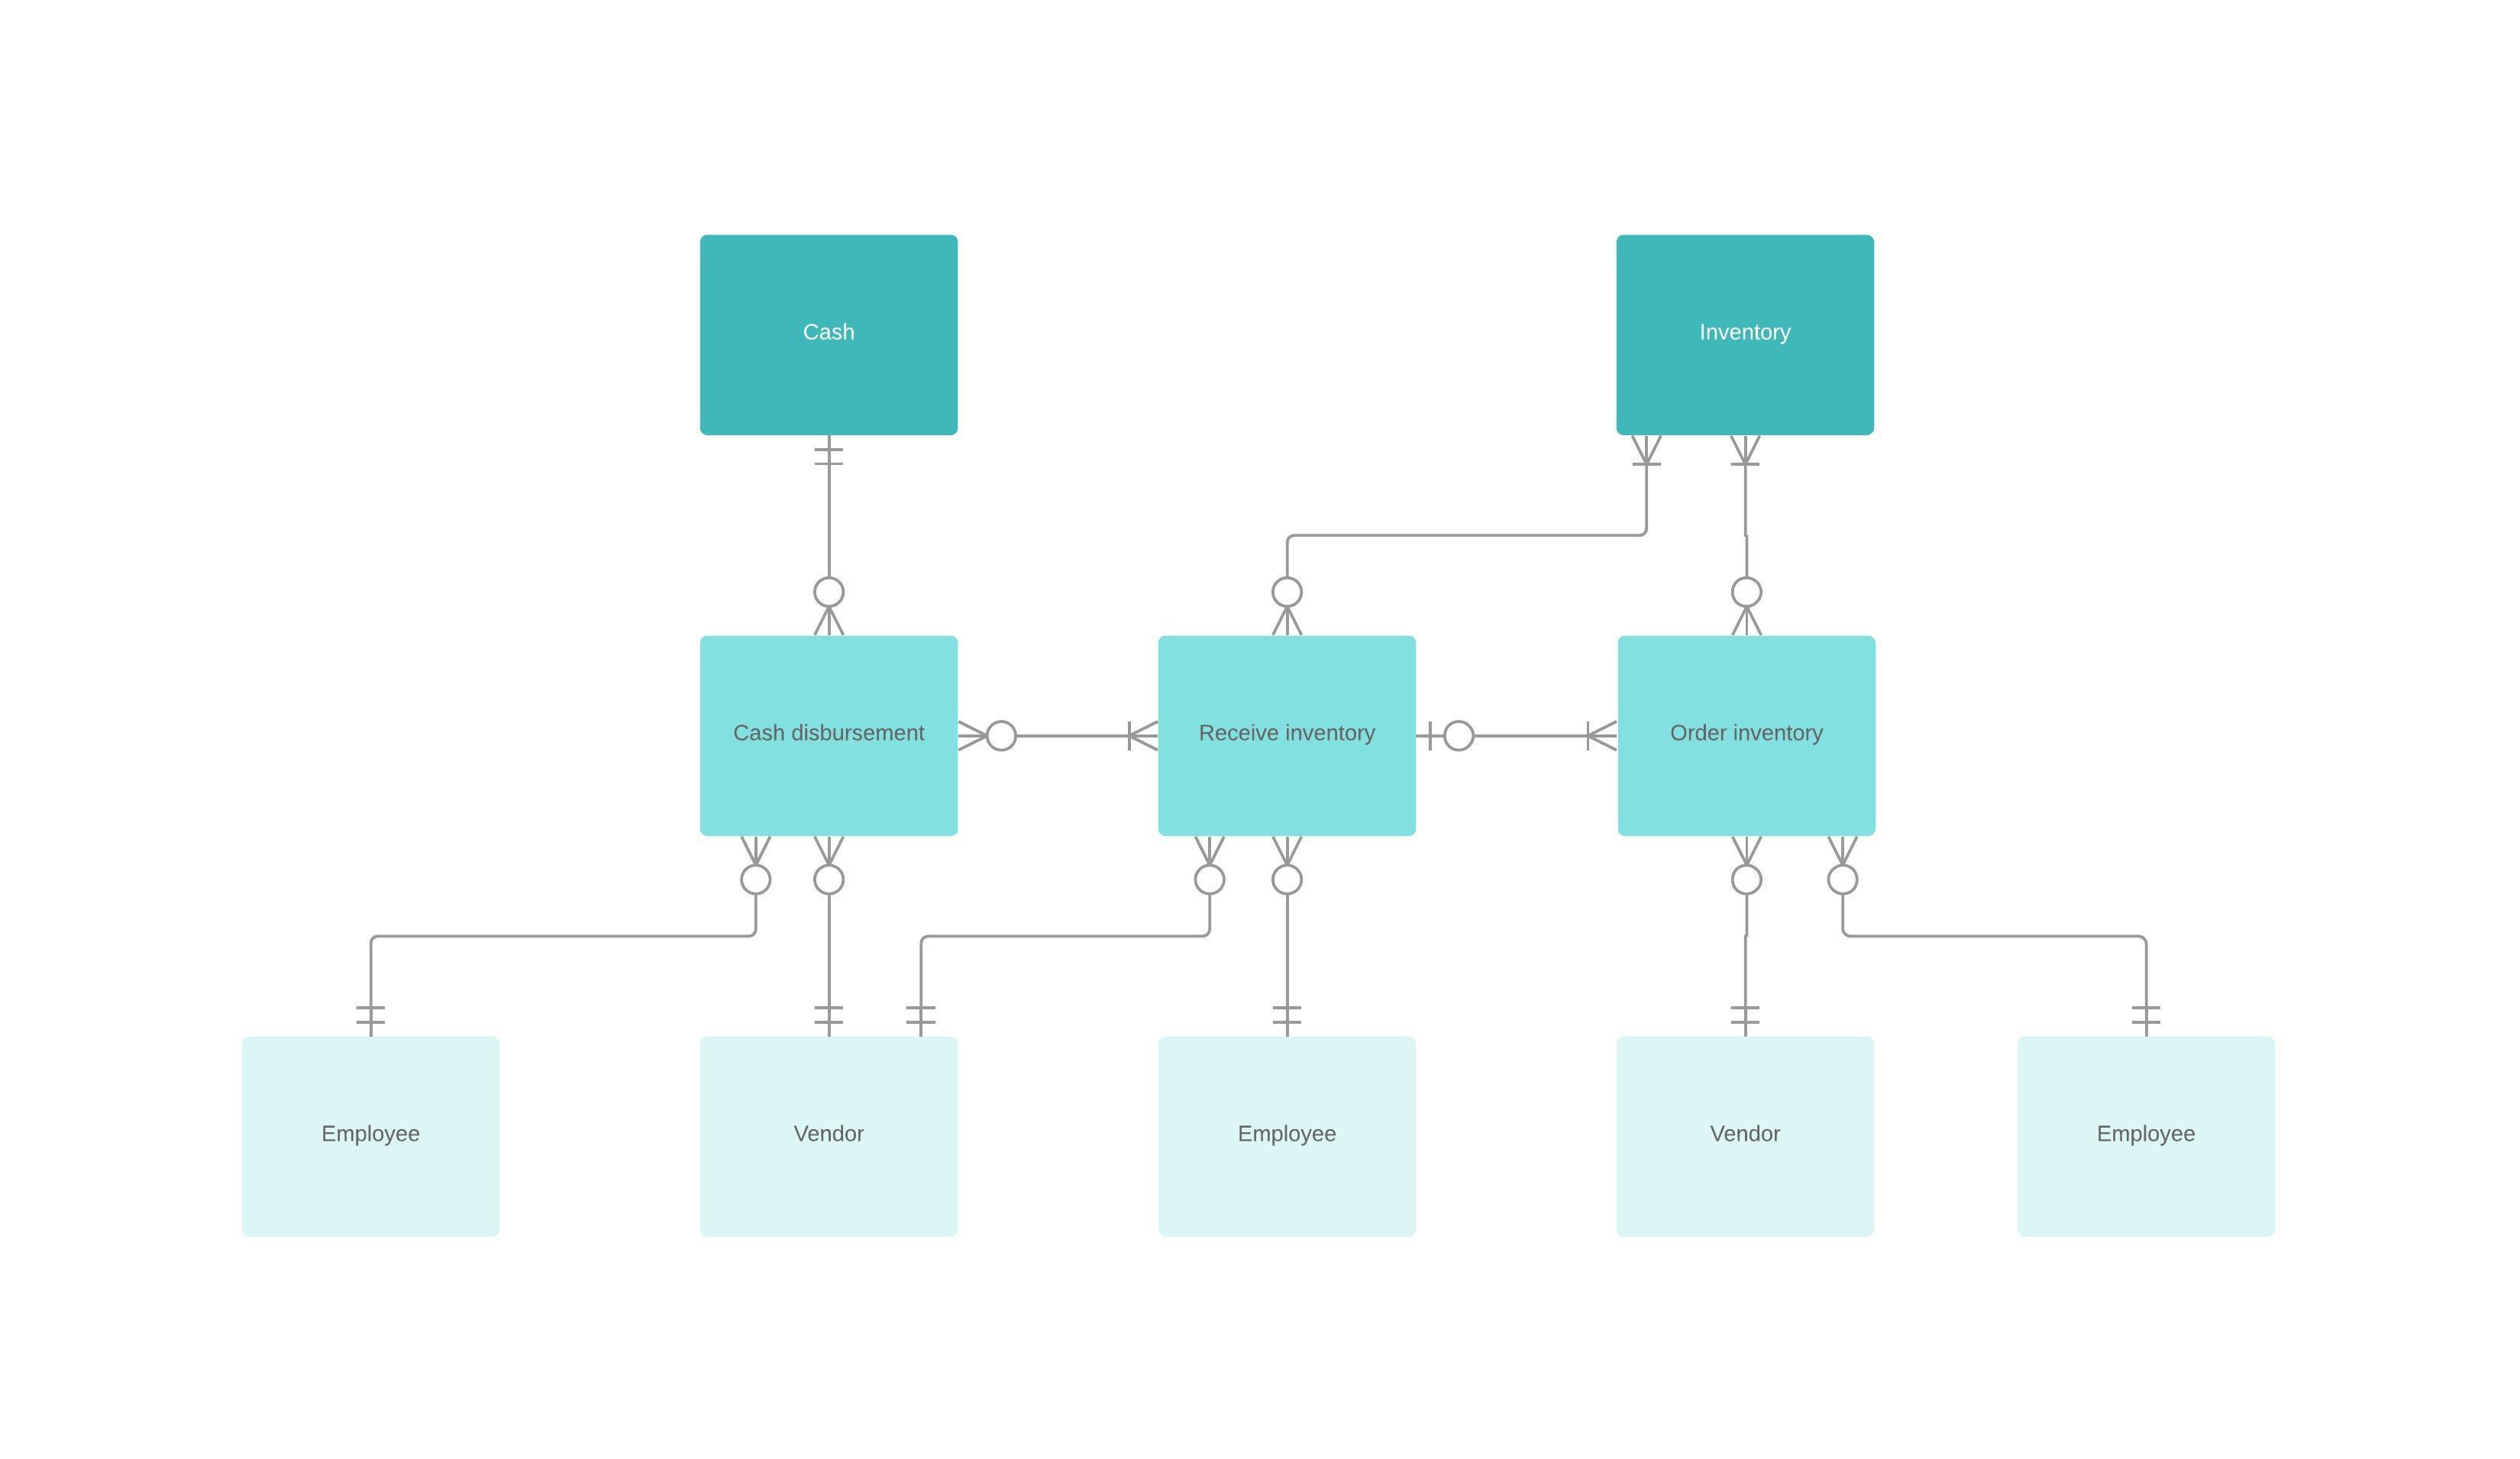 Er Diagram (Erd) Tool   Lucidchart with regard to Make Erd